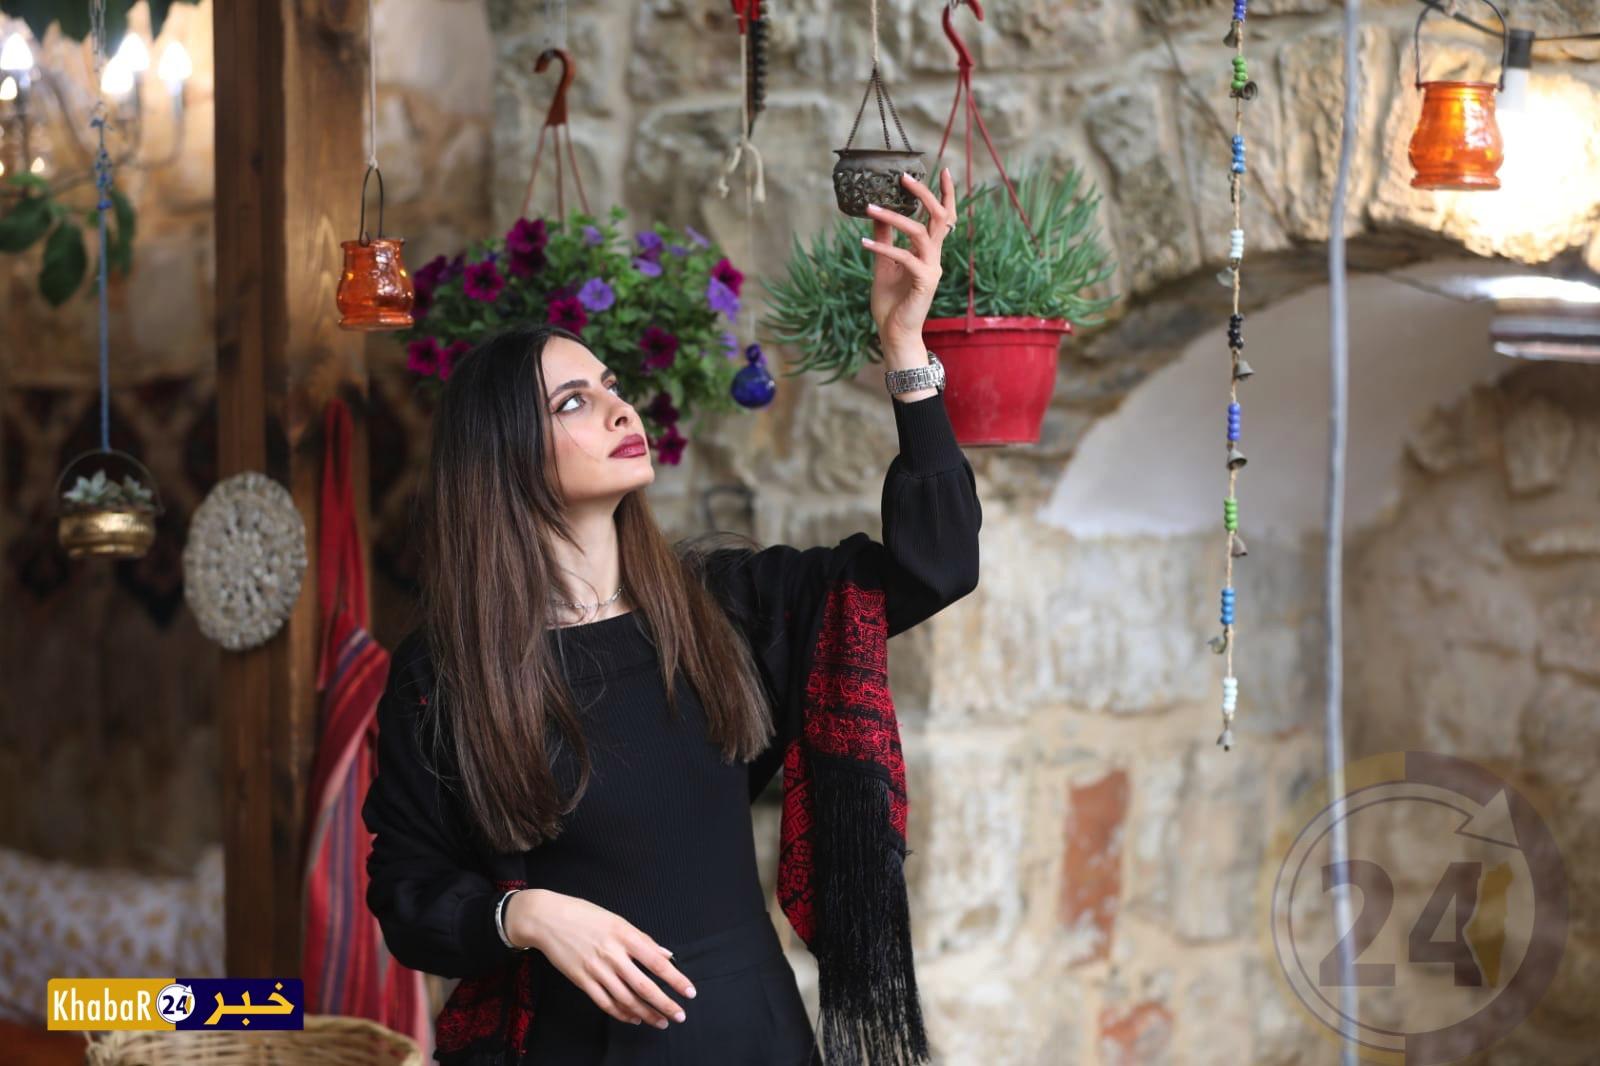 ملكة جمال فلسطين 2019 تشارك بمسابقة ملكة جمال البيئة بمصر